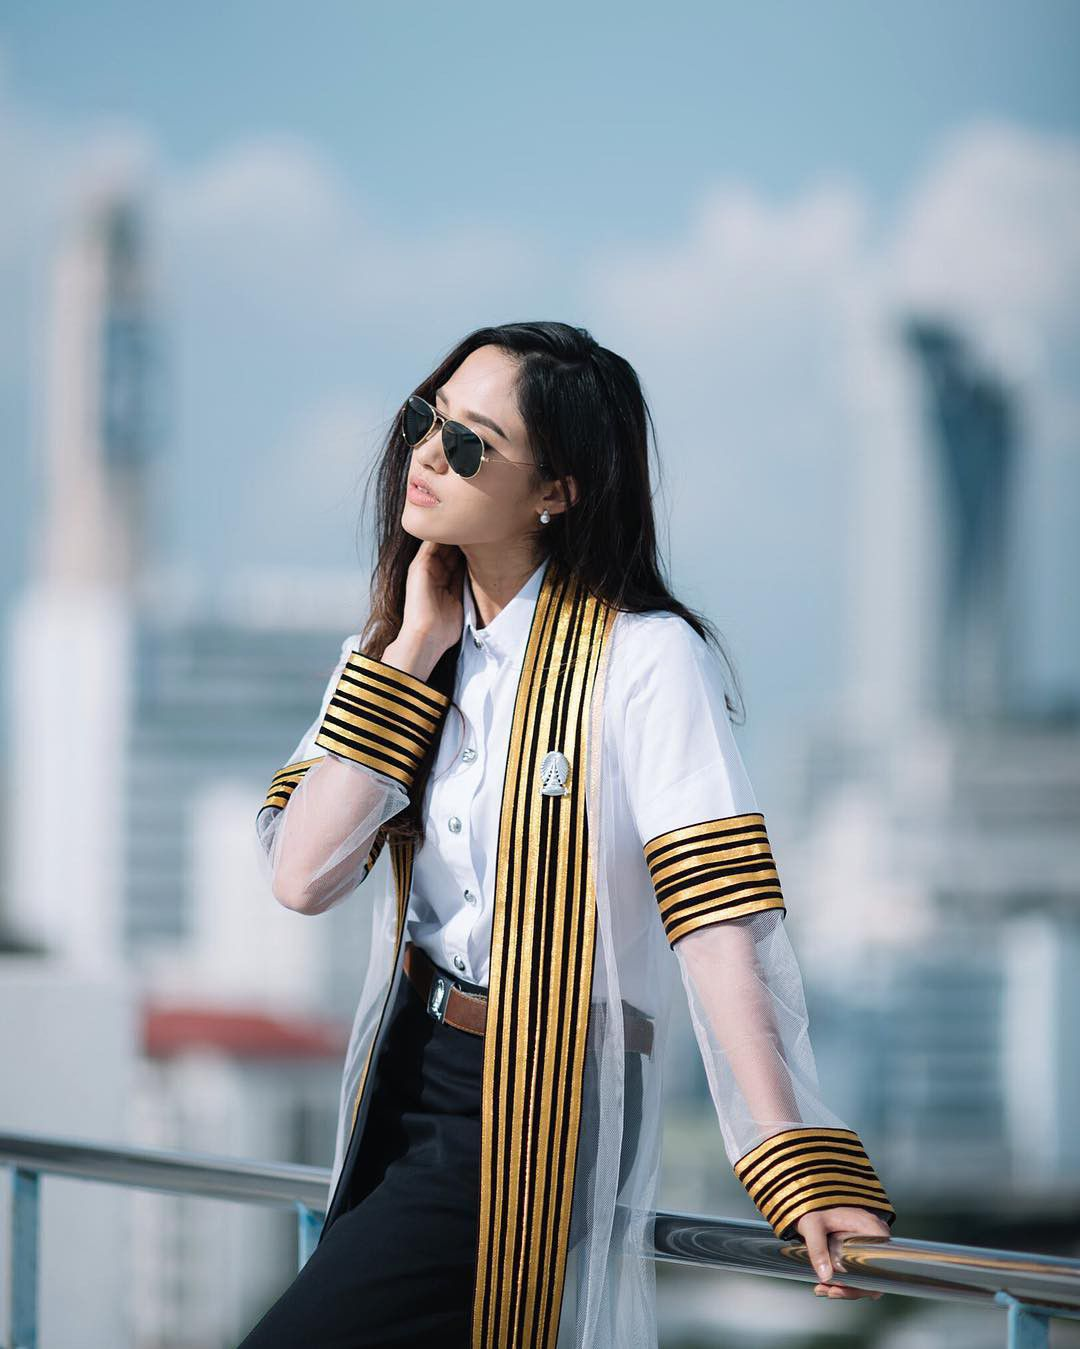 Danh sách những ngôi sao tuổi Hợi nổi tiếng đình đám màn ảnh Thái Lan (17)